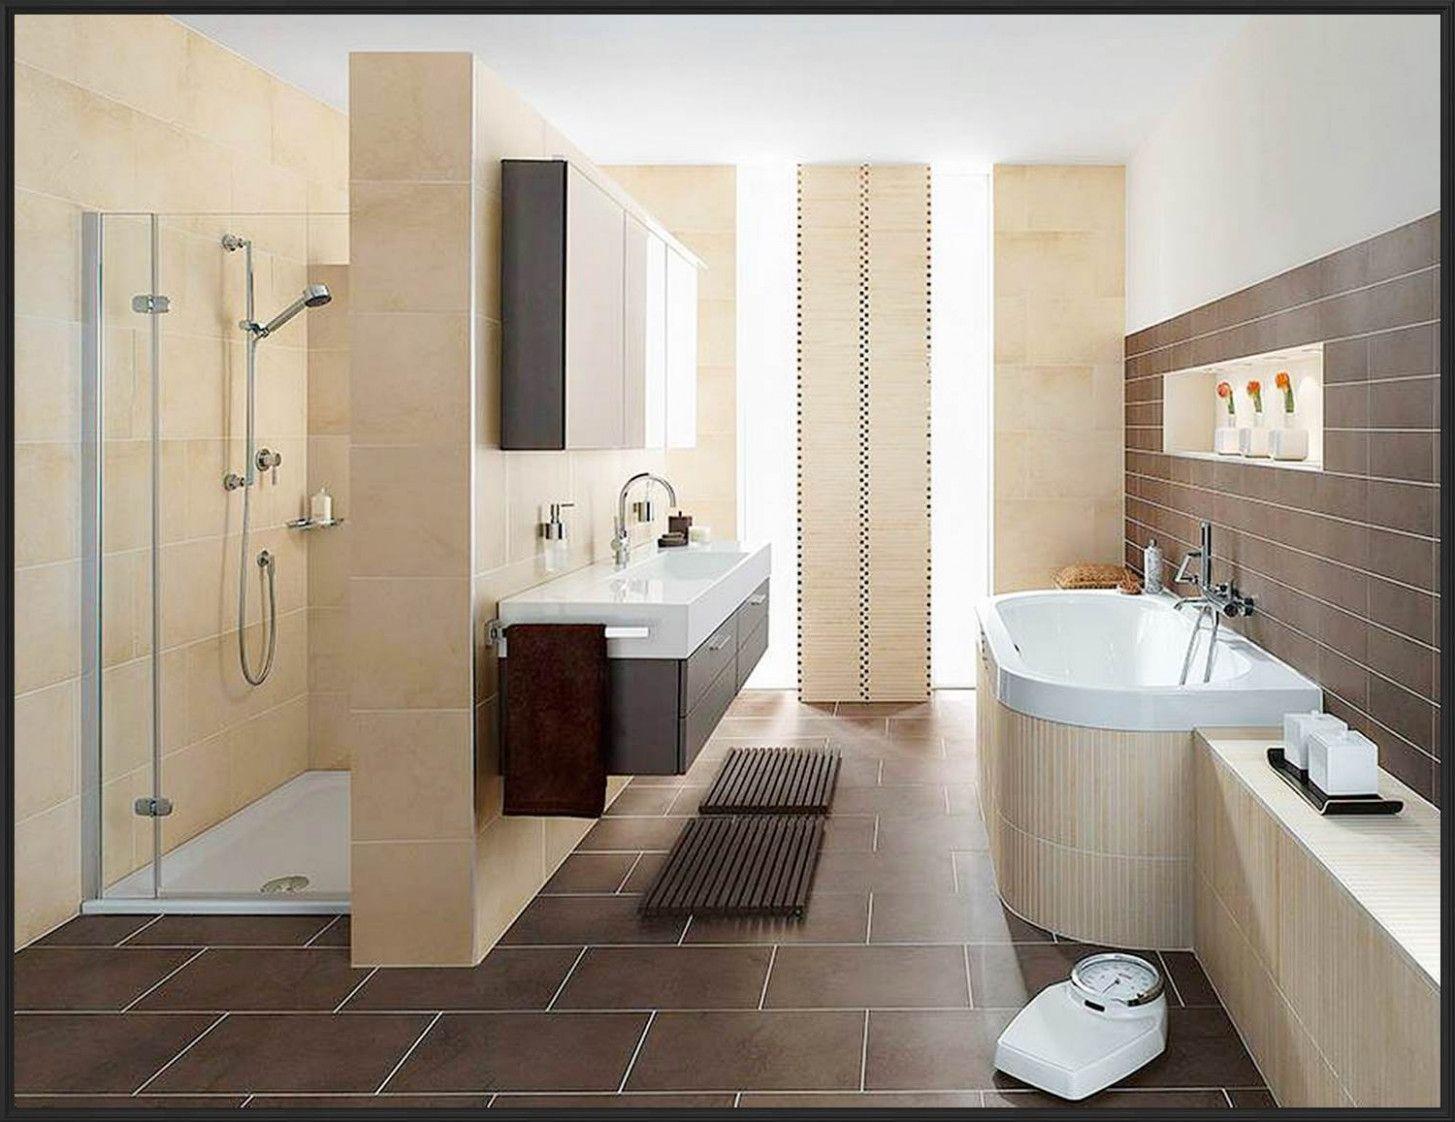 15 Ideen Fur Die Organisation Ihres Eigenen Badezimmers Aufteilung Ideen Badezimmer Ideen Interior Design Living Room Interior Design Trends Interior Design